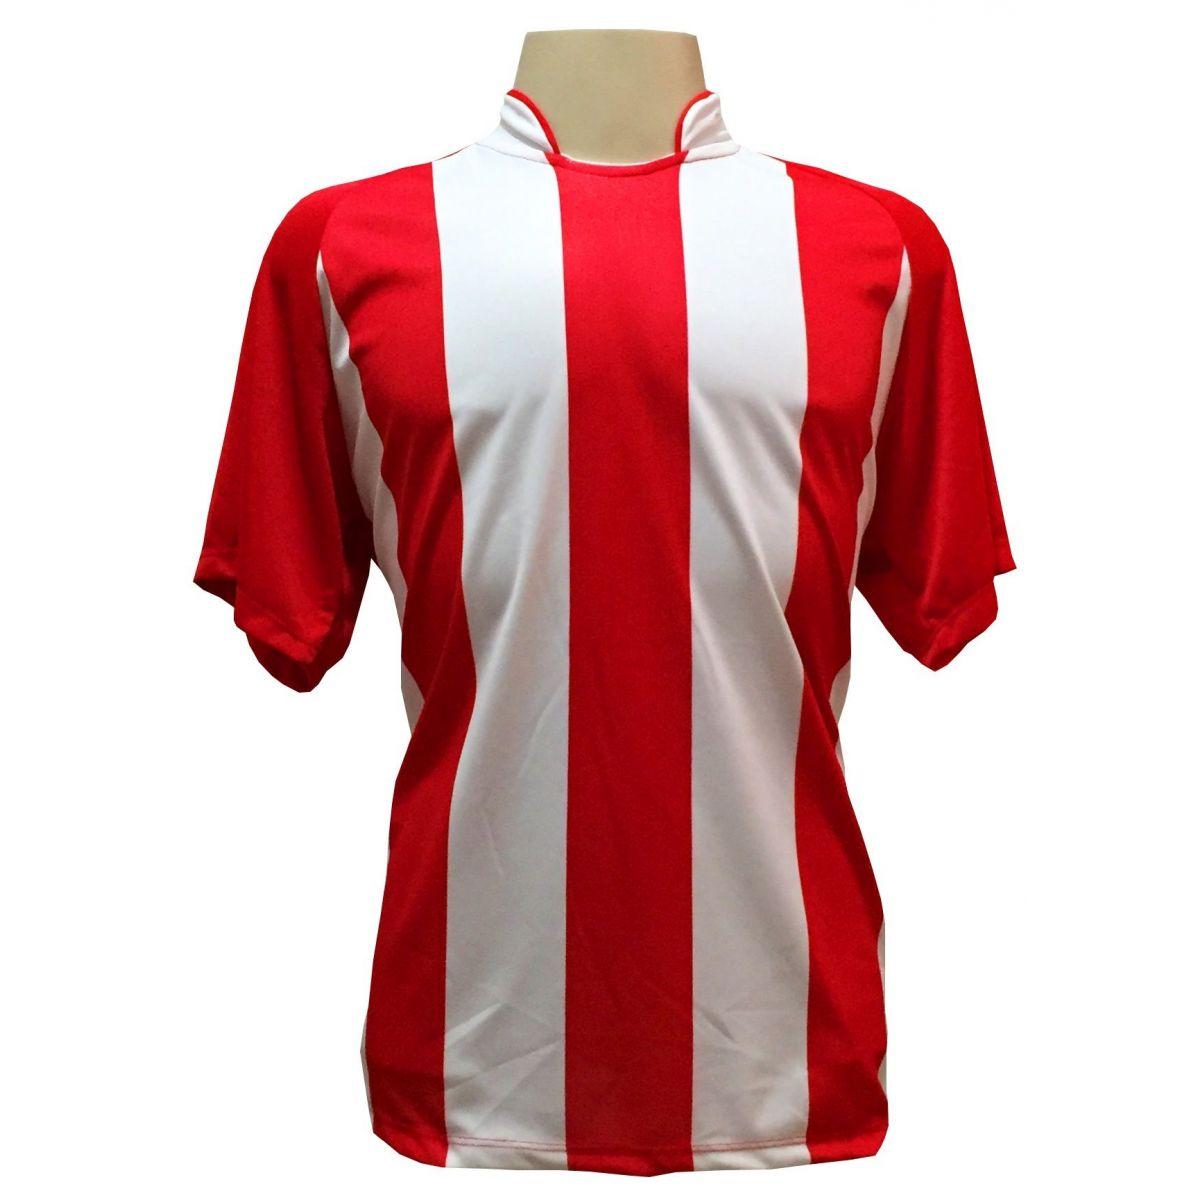 Fardamento Completo modelo Milan 20+1 (20 camisas Vermelho/Branco + 20 calções modelo Madrid Royal + 20 pares de meiões Branco + 1 conjunto de goleiro) + Brindes